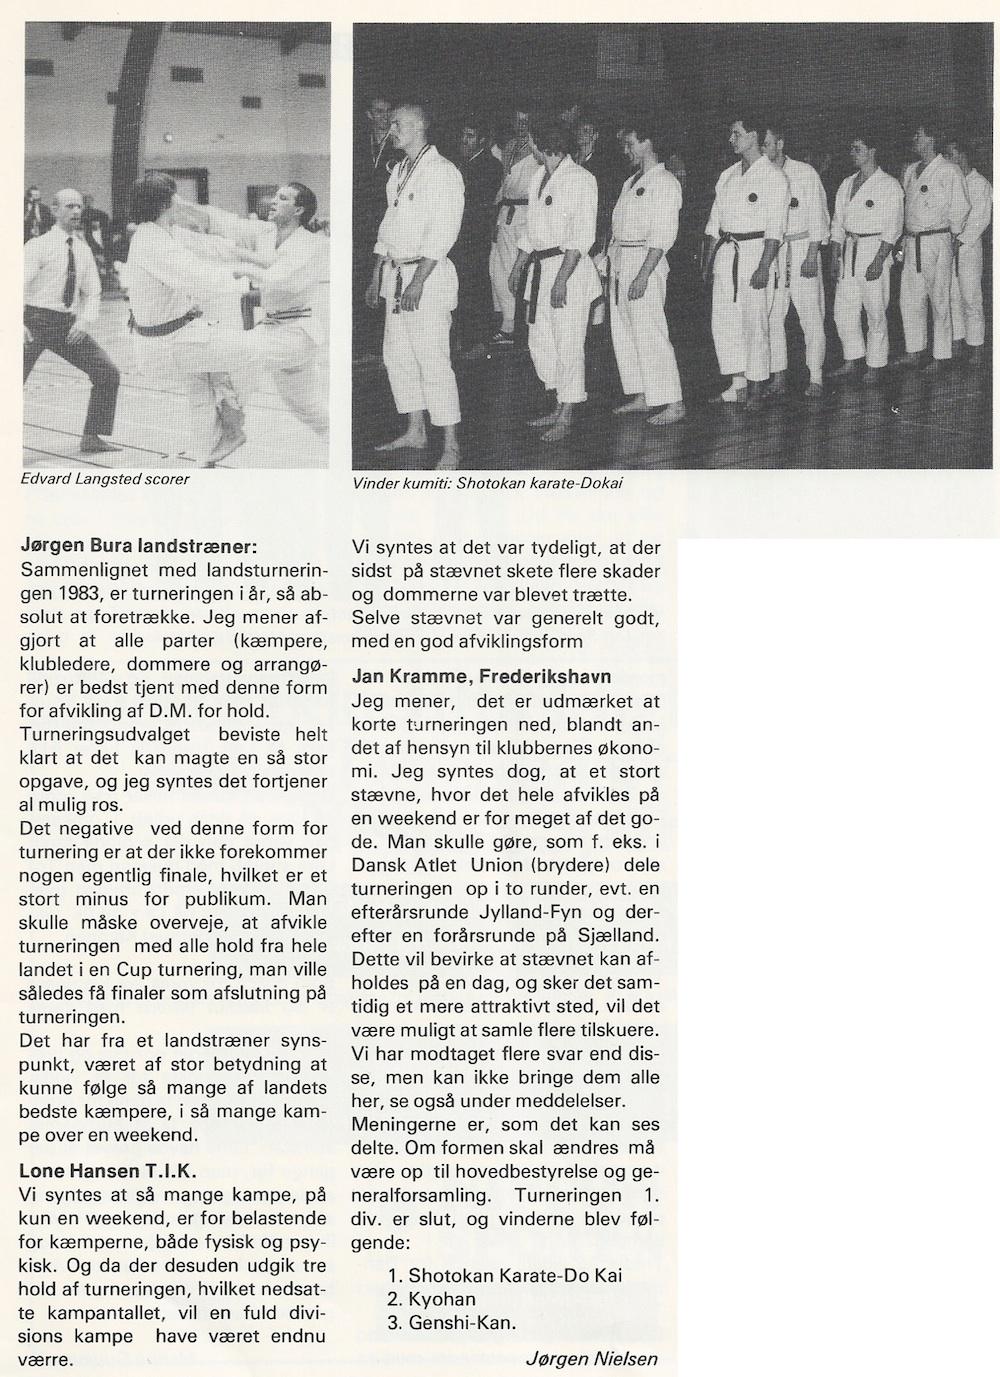 Vinderholdet fra DM 1984 bestående af Frank Bura, Anders Johnsbeck, Edvard Langsted, Jesper Palm Lundorf, Pall Gudjonson, Peter Dudek, Frank Humlegaard,